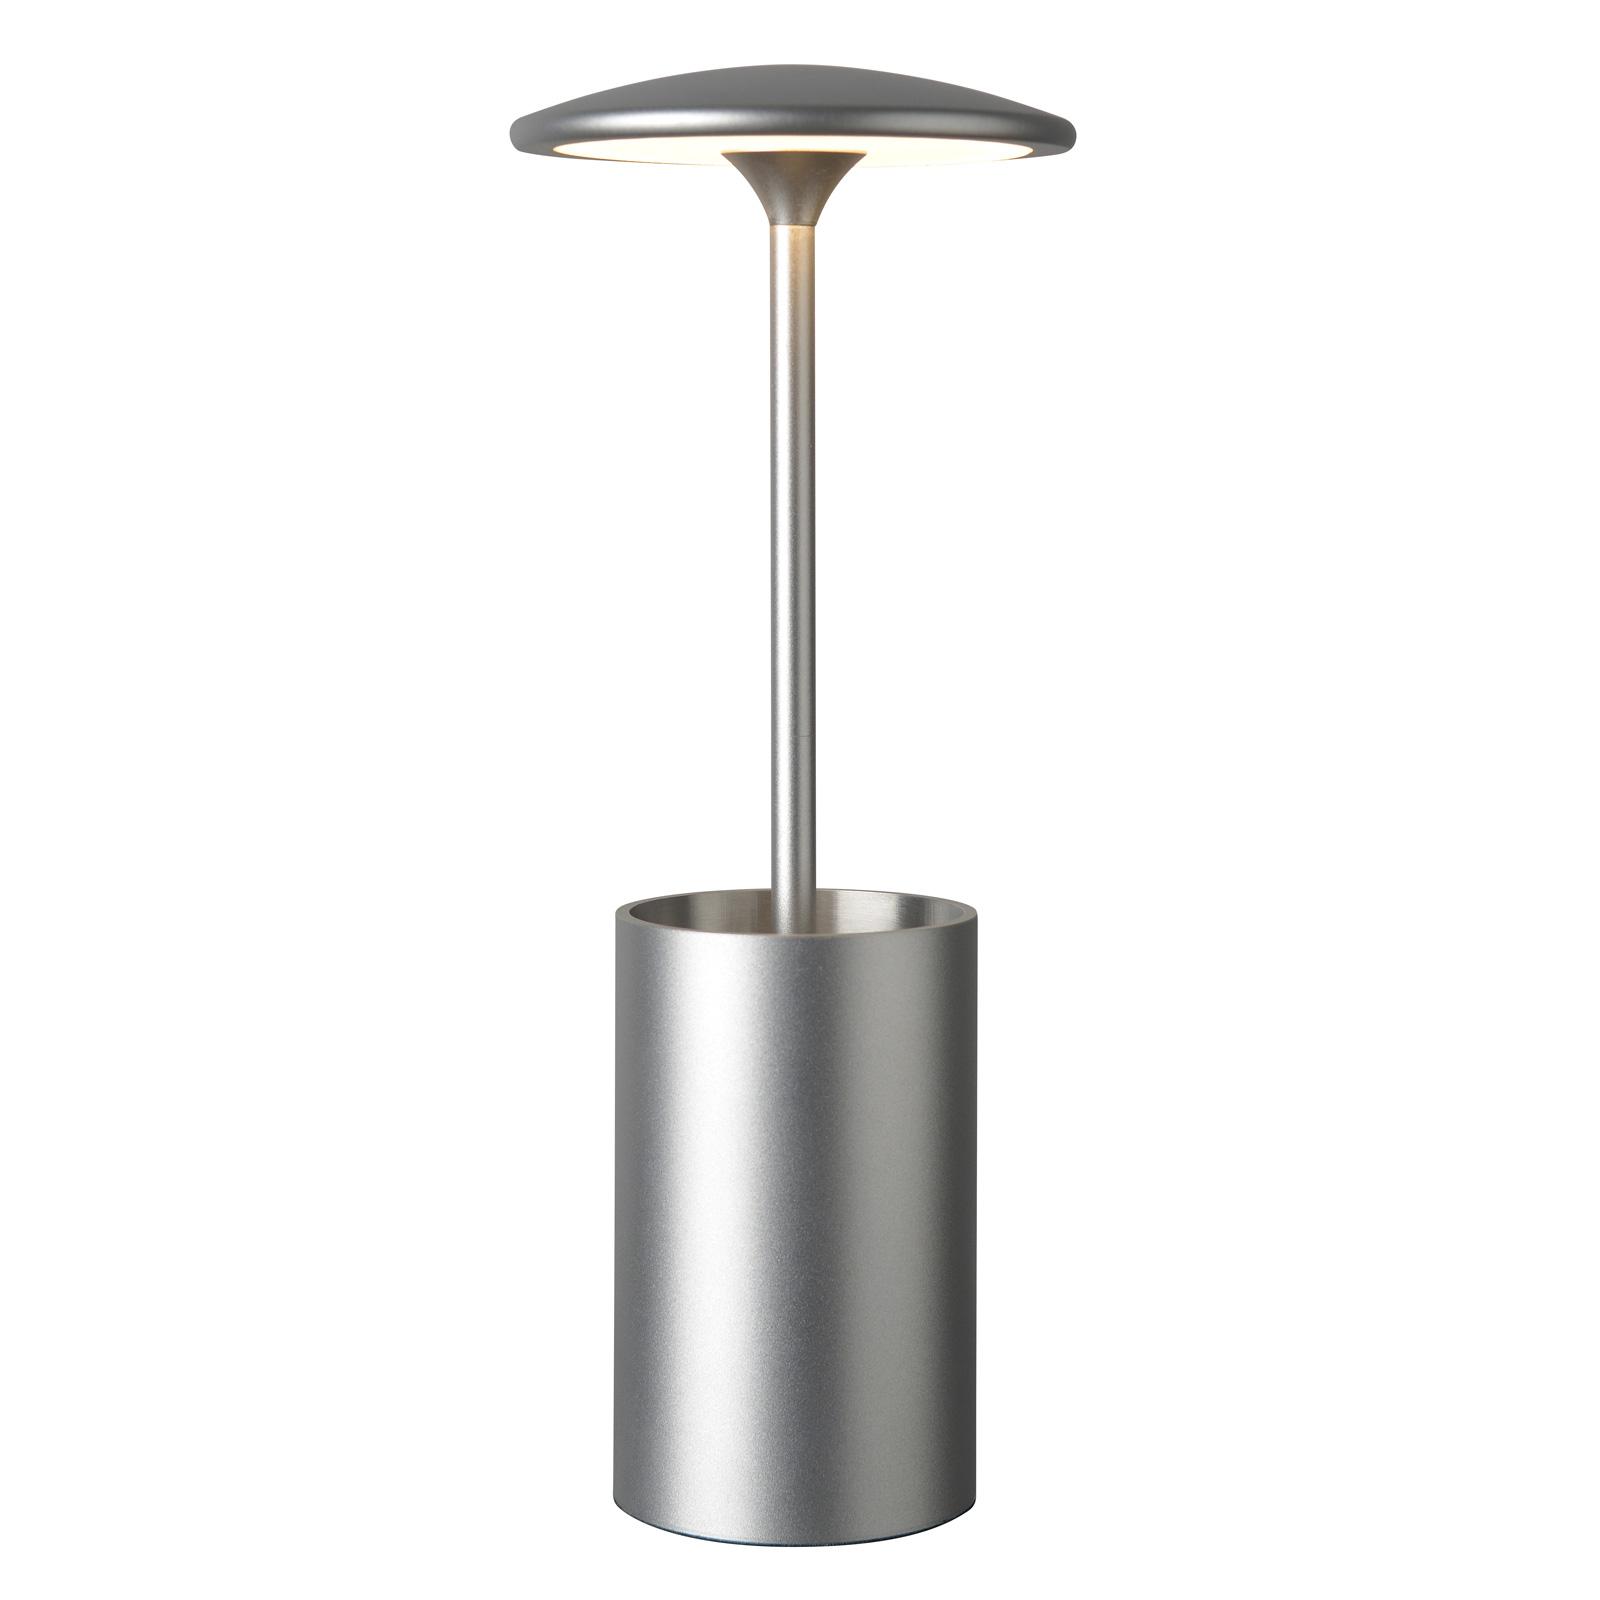 Lampe à poser LED Pott avec support, argentée